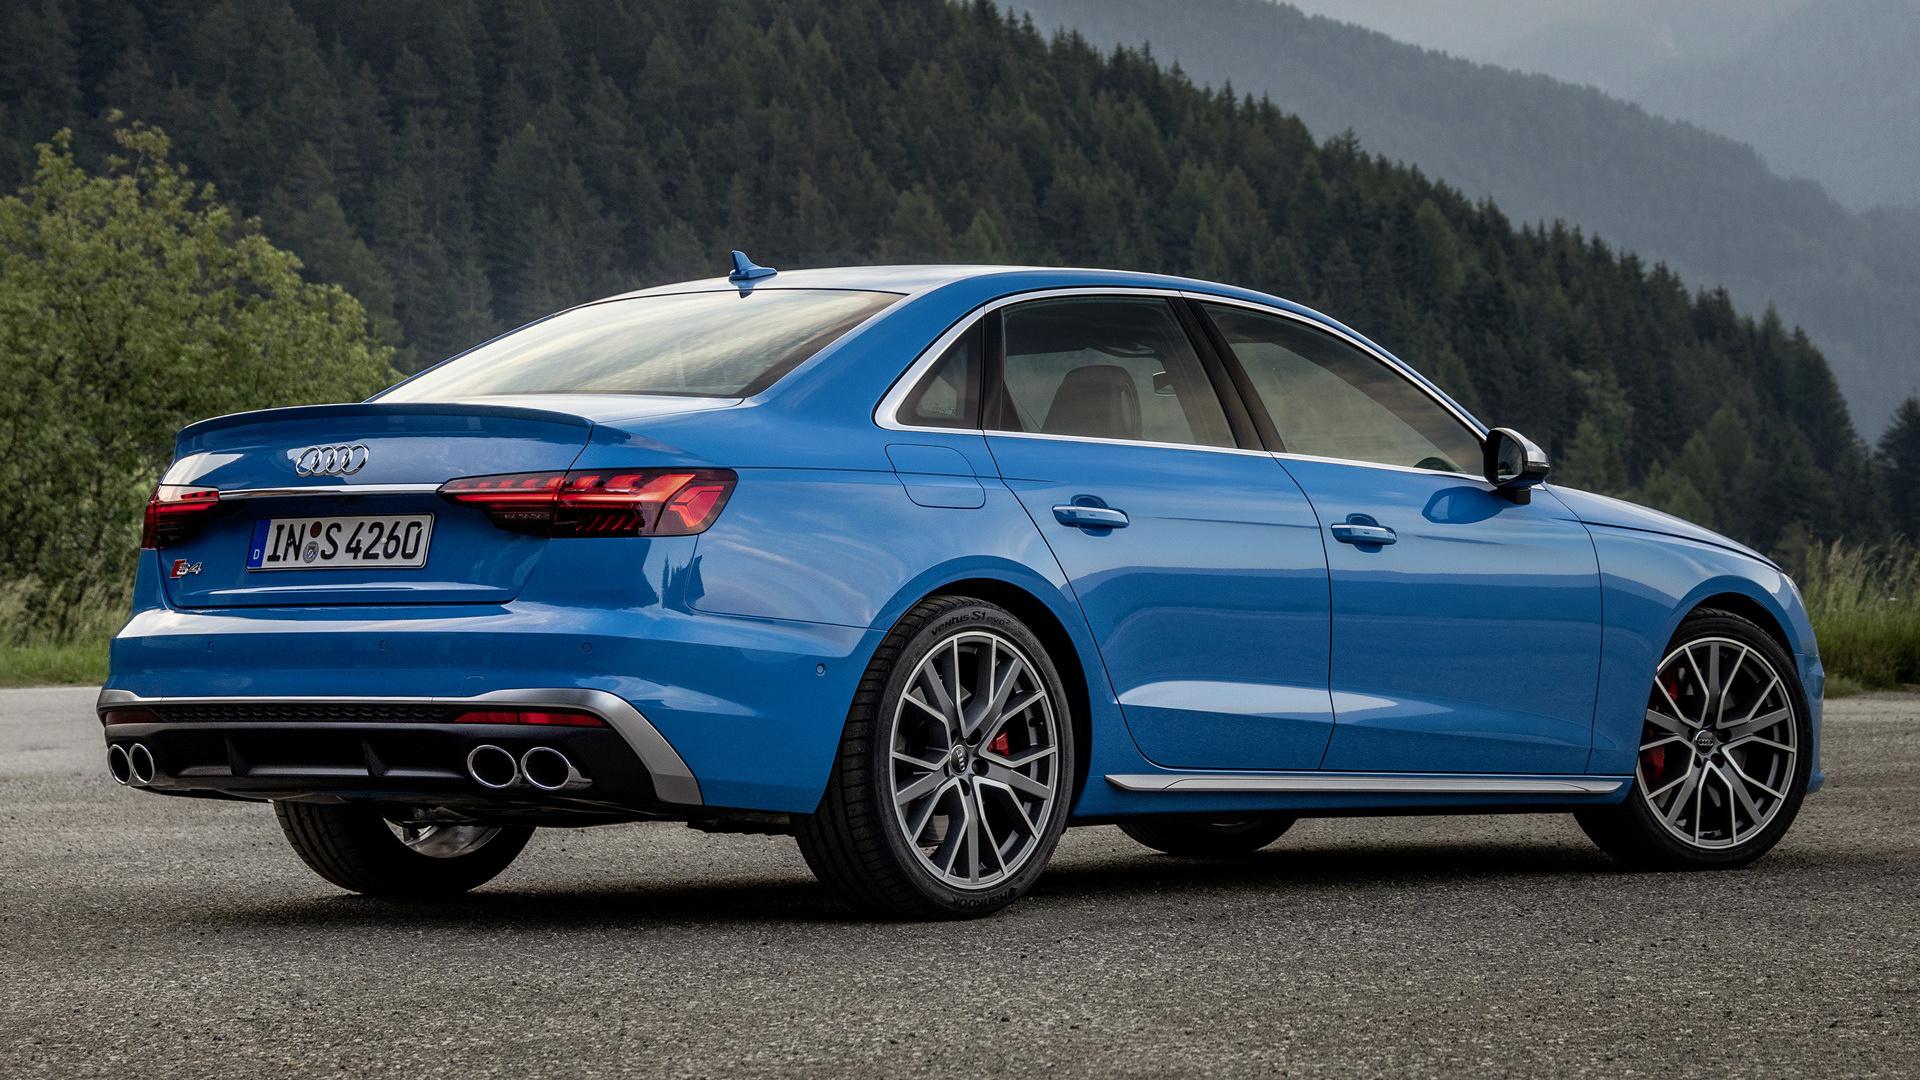 2019 Audi S4 Sedan - Wallpapers and HD Images | Car Pixel